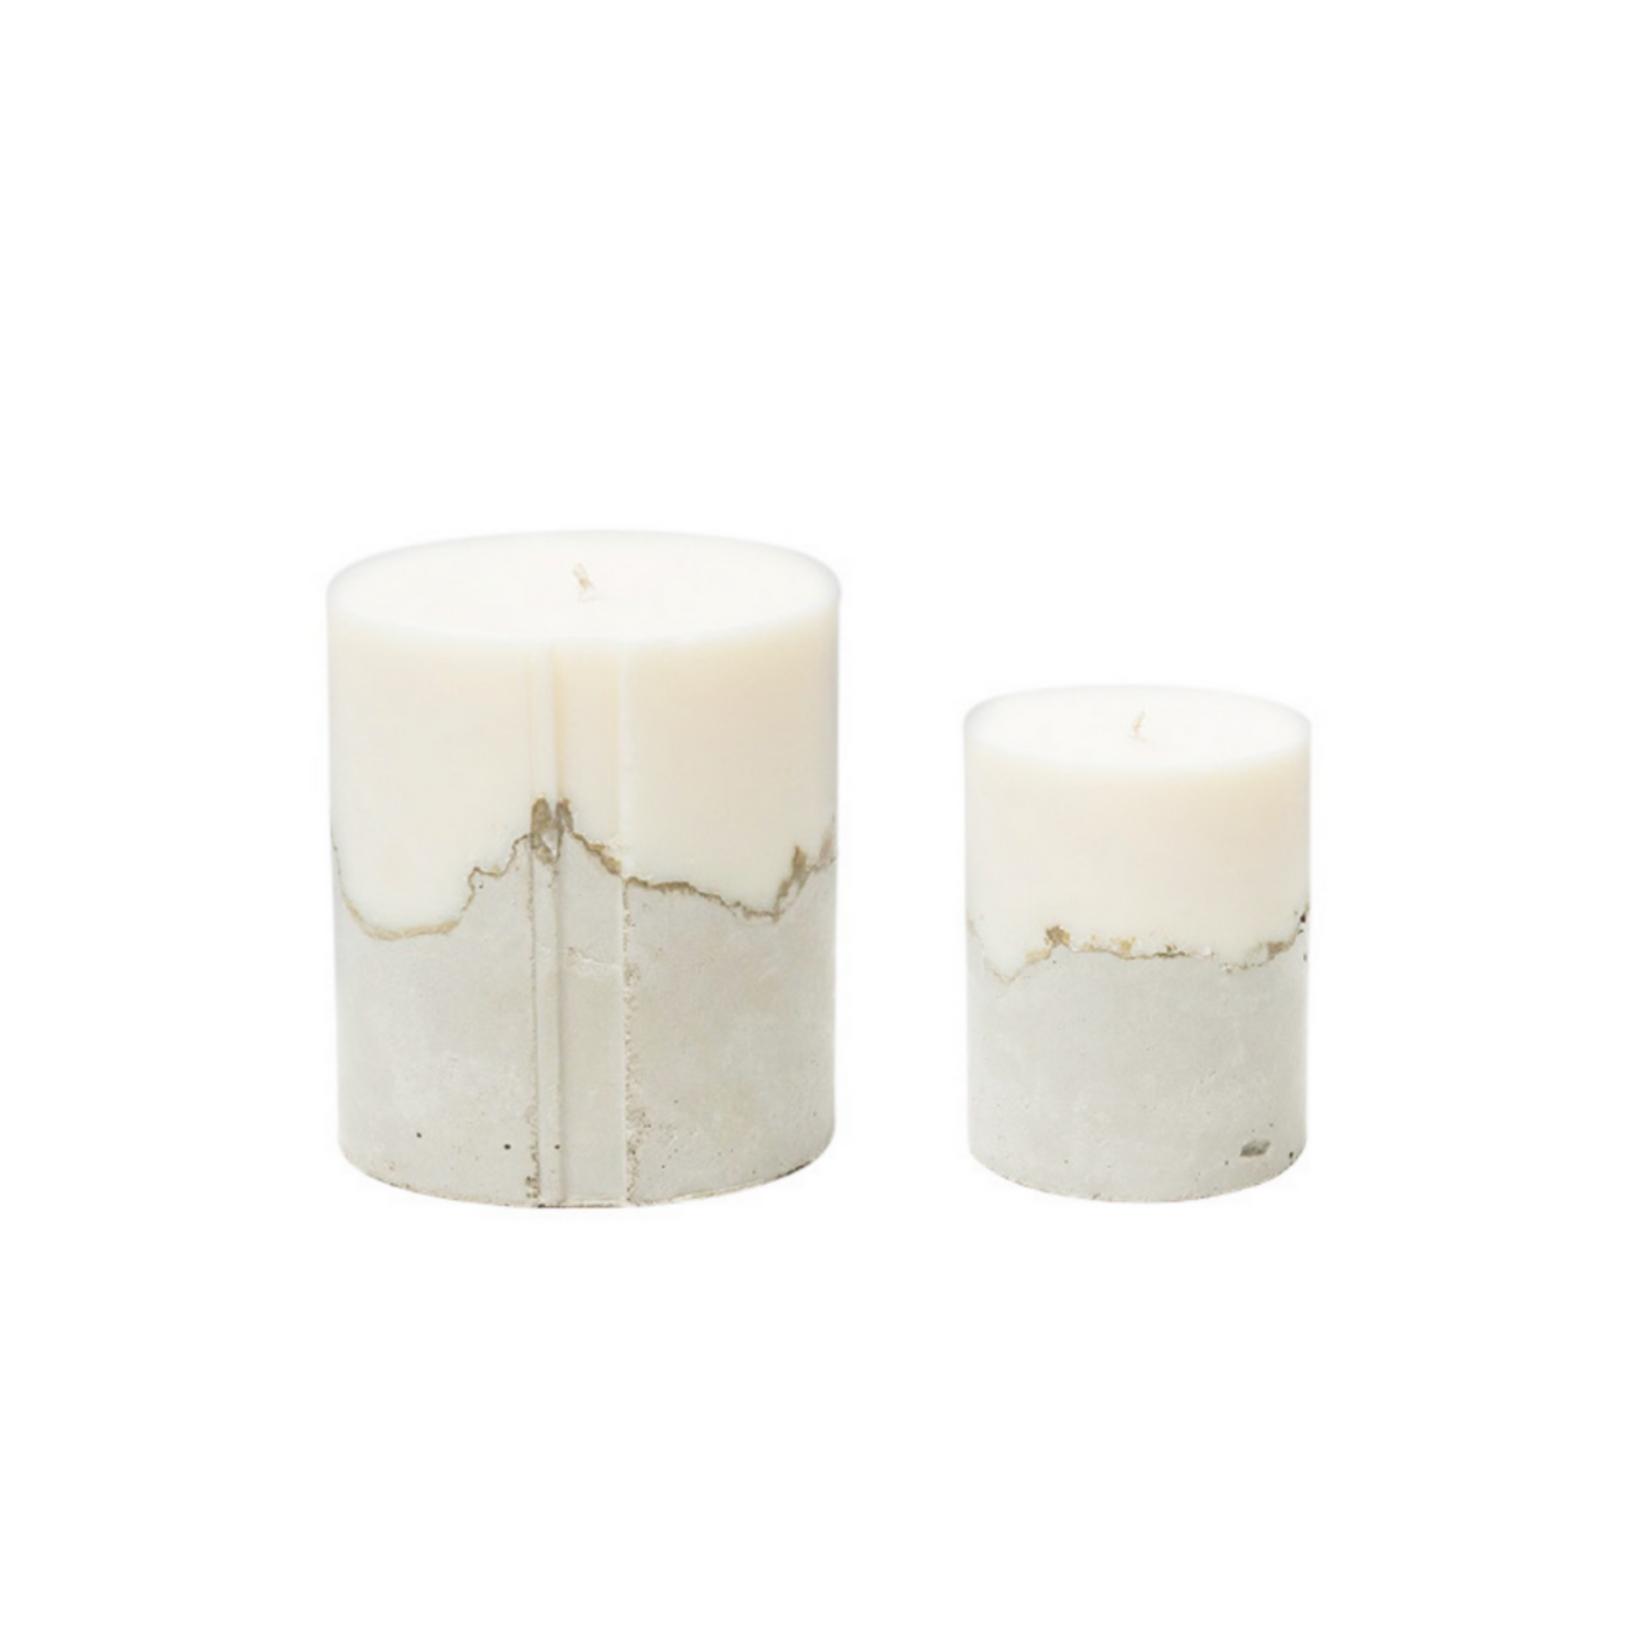 Concrete Love Palmarosa White Concrete Candle